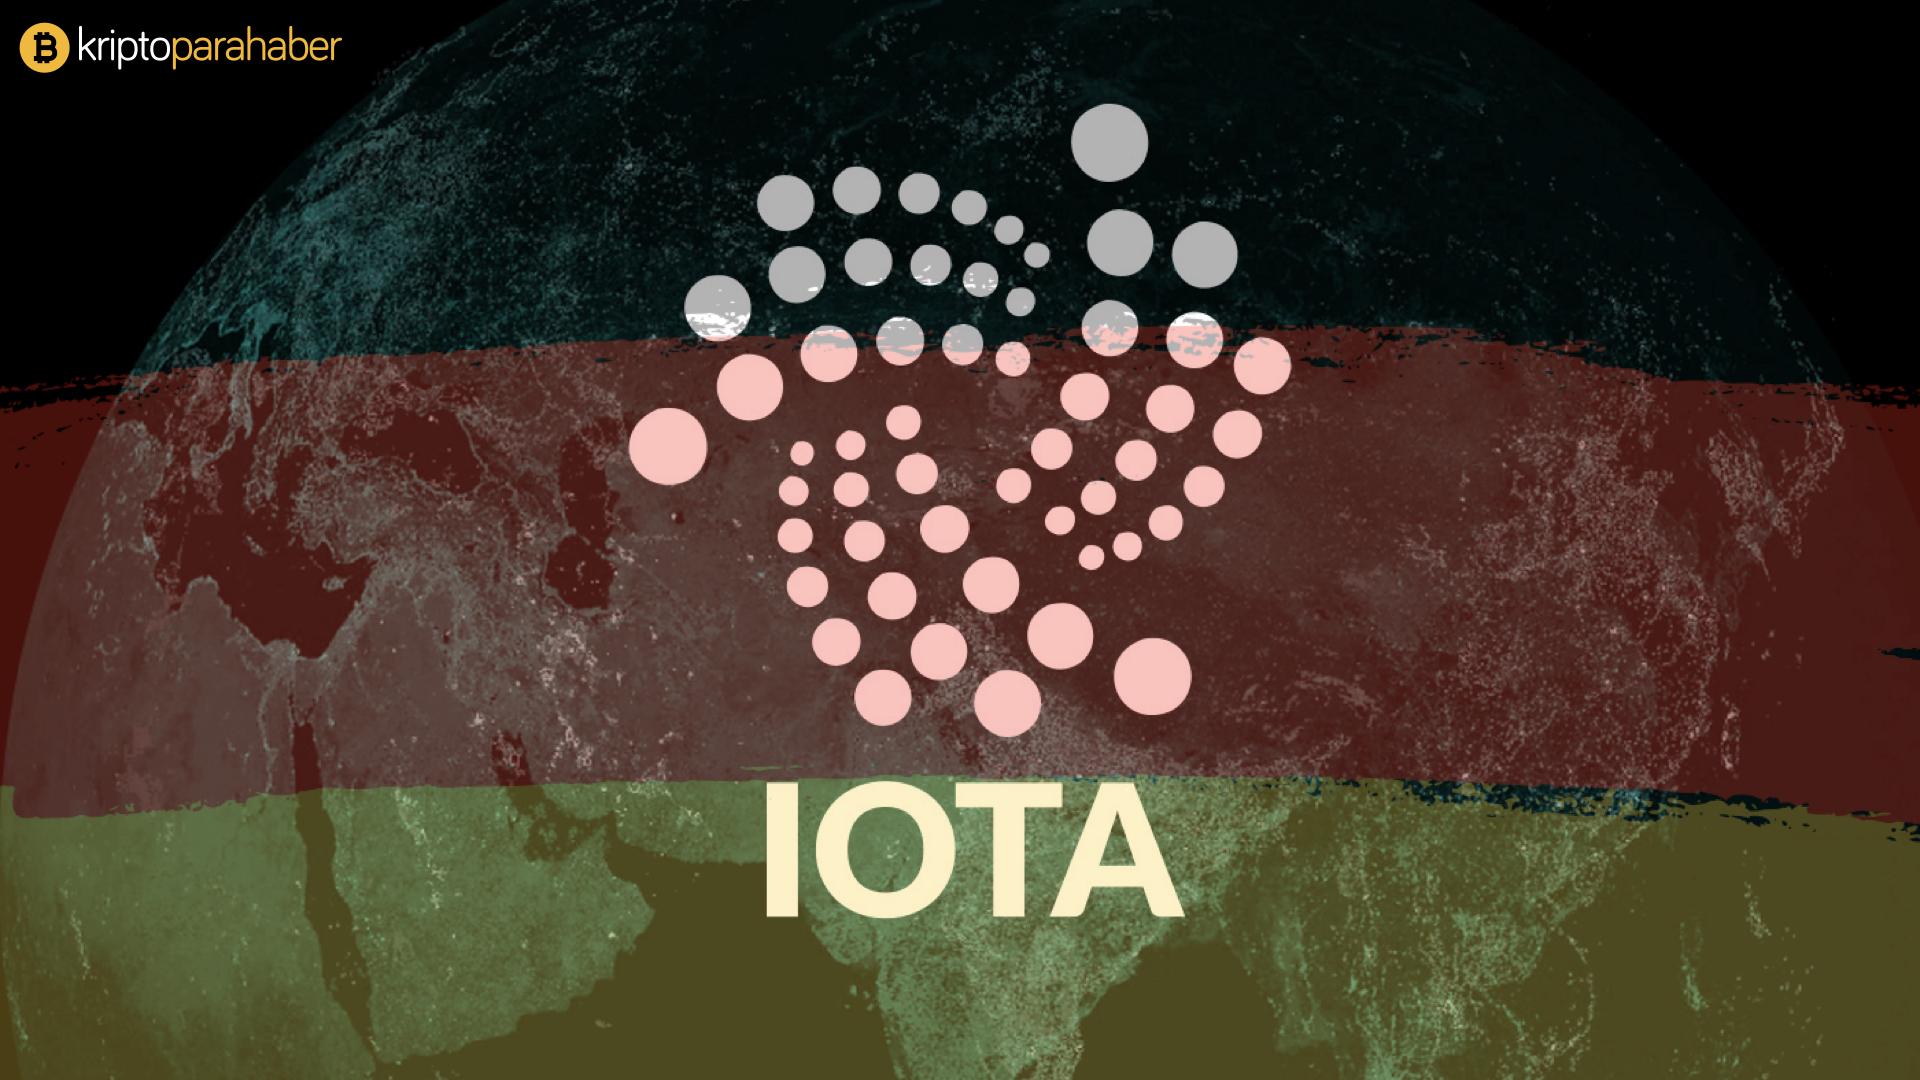 IOTA Vakfı Avrupa'da Blockchain eğitimini ilerletmek için atılım yapıyor